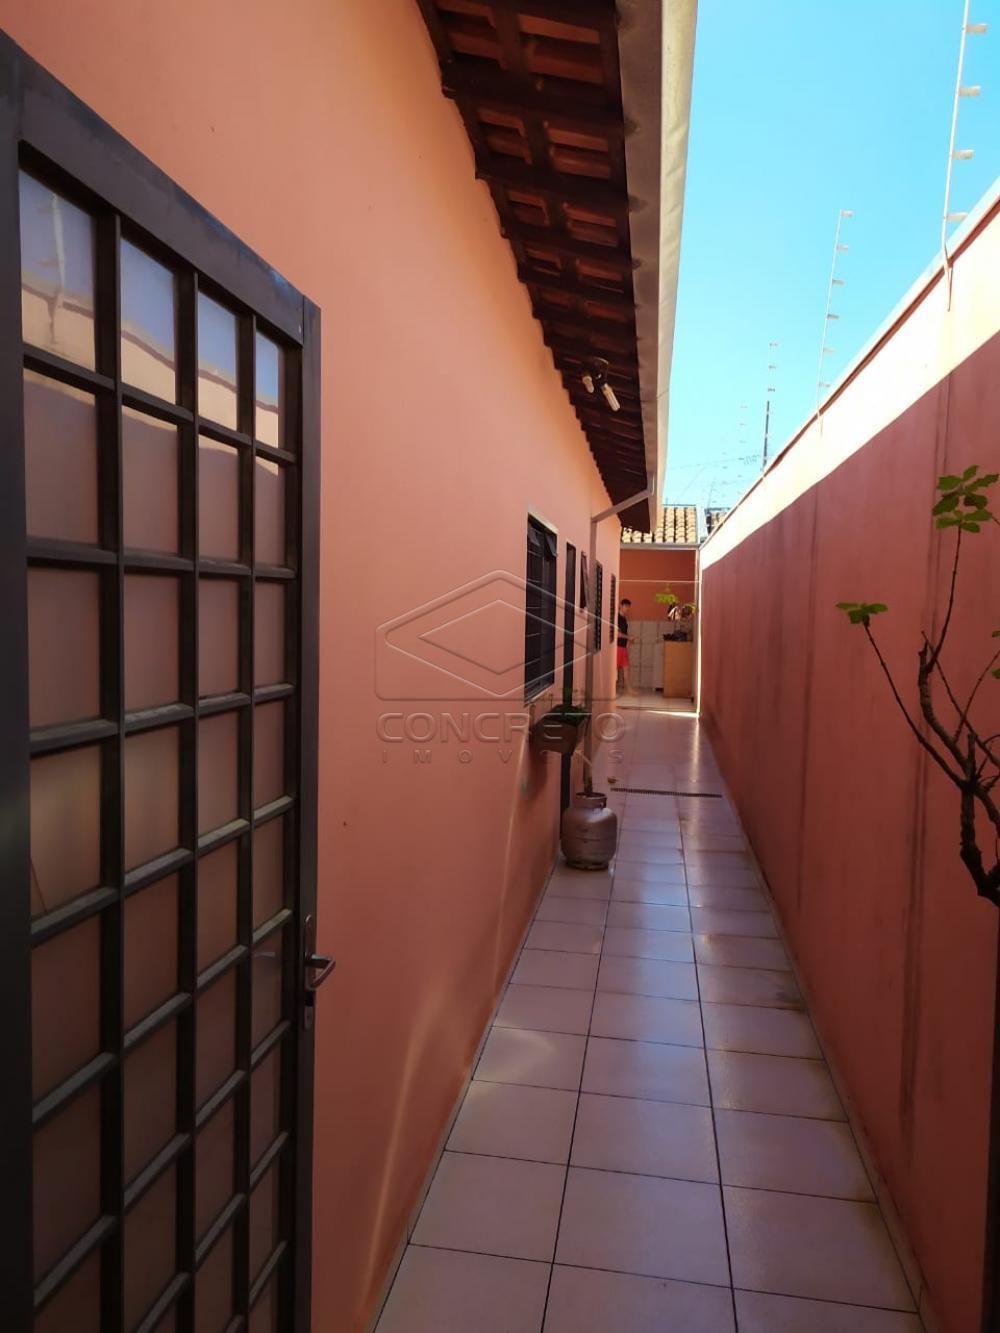 Comprar Casa / Padrão em Bauru apenas R$ 208.000,00 - Foto 15